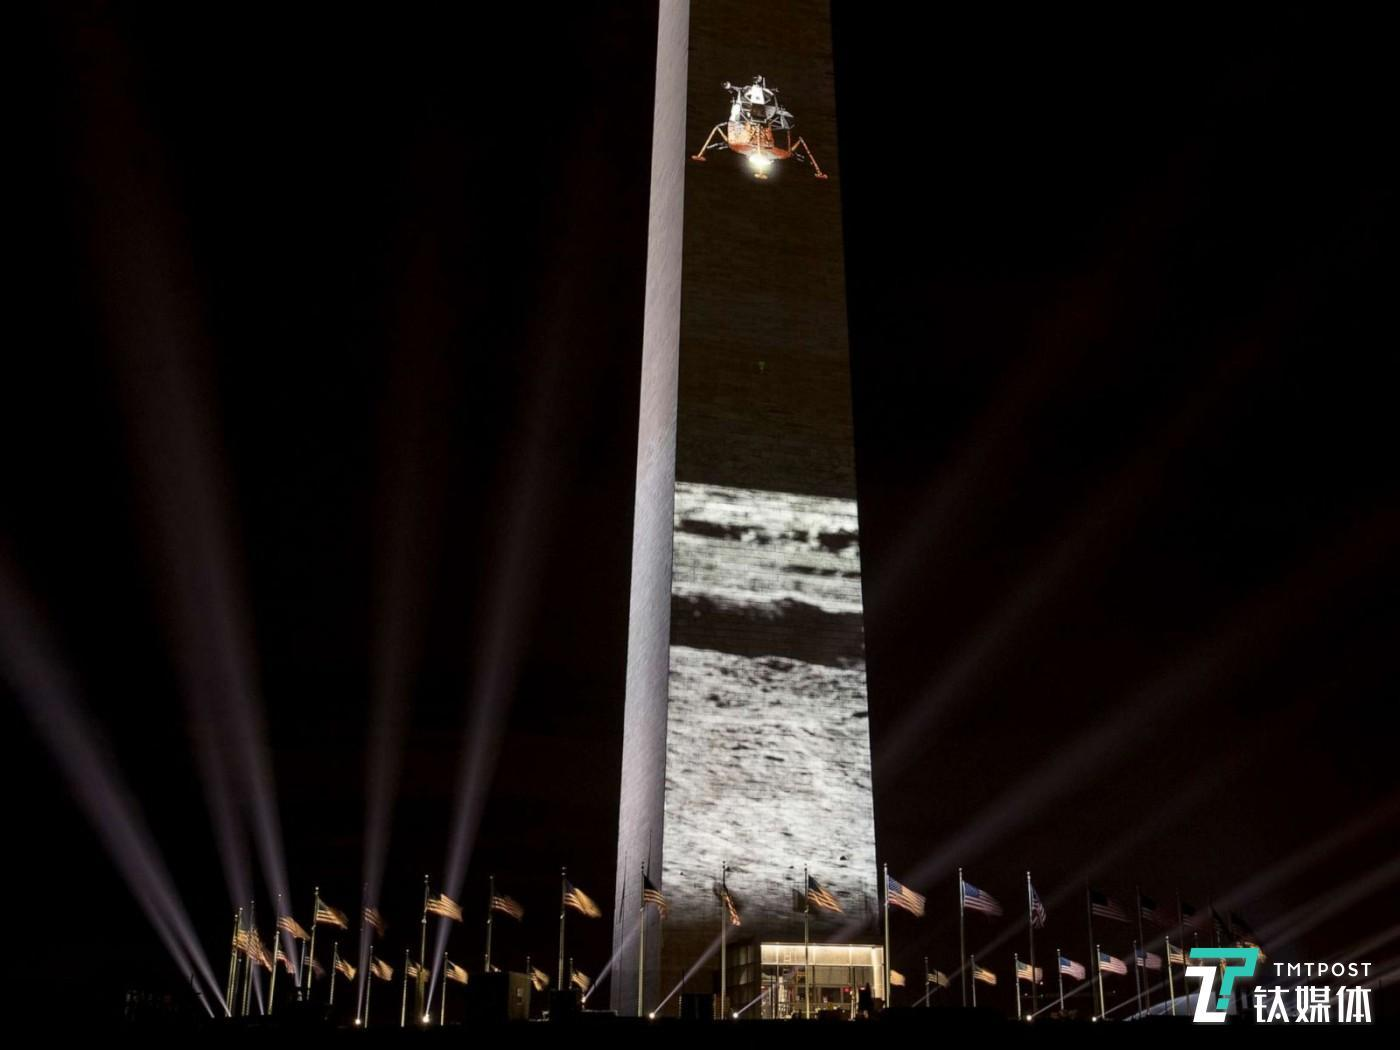 7月17日,美国华盛顿纪念碑,投射在纪念碑上的登月船和月球。2019是阿波罗11号登月50周年纪念。(图/Andrew Harnik AP)